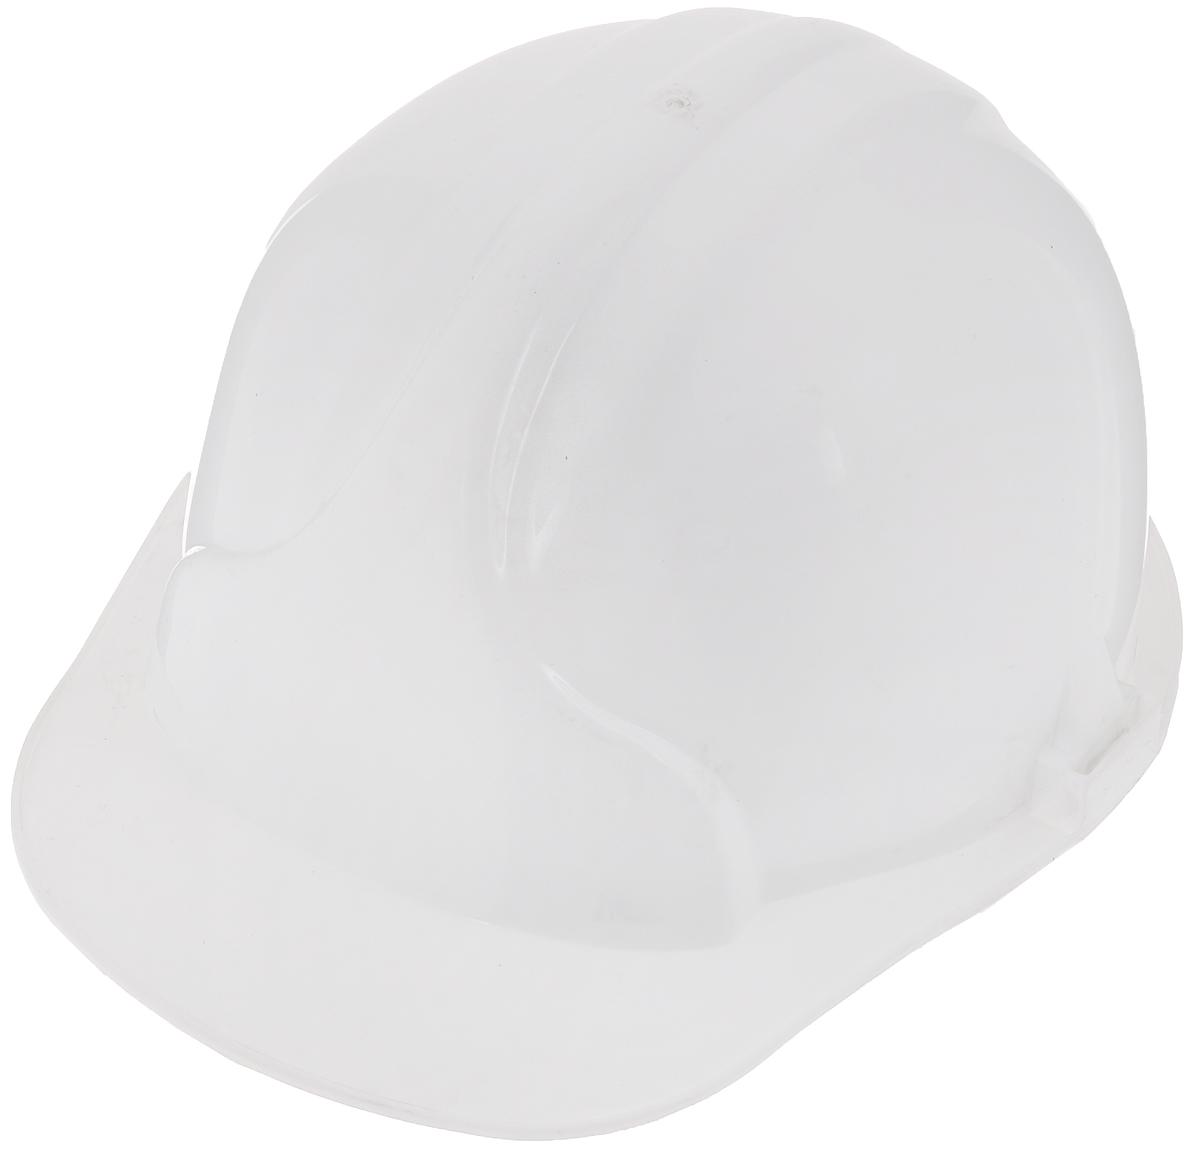 Строительная каска, цвет: белый ЗКМ 12200